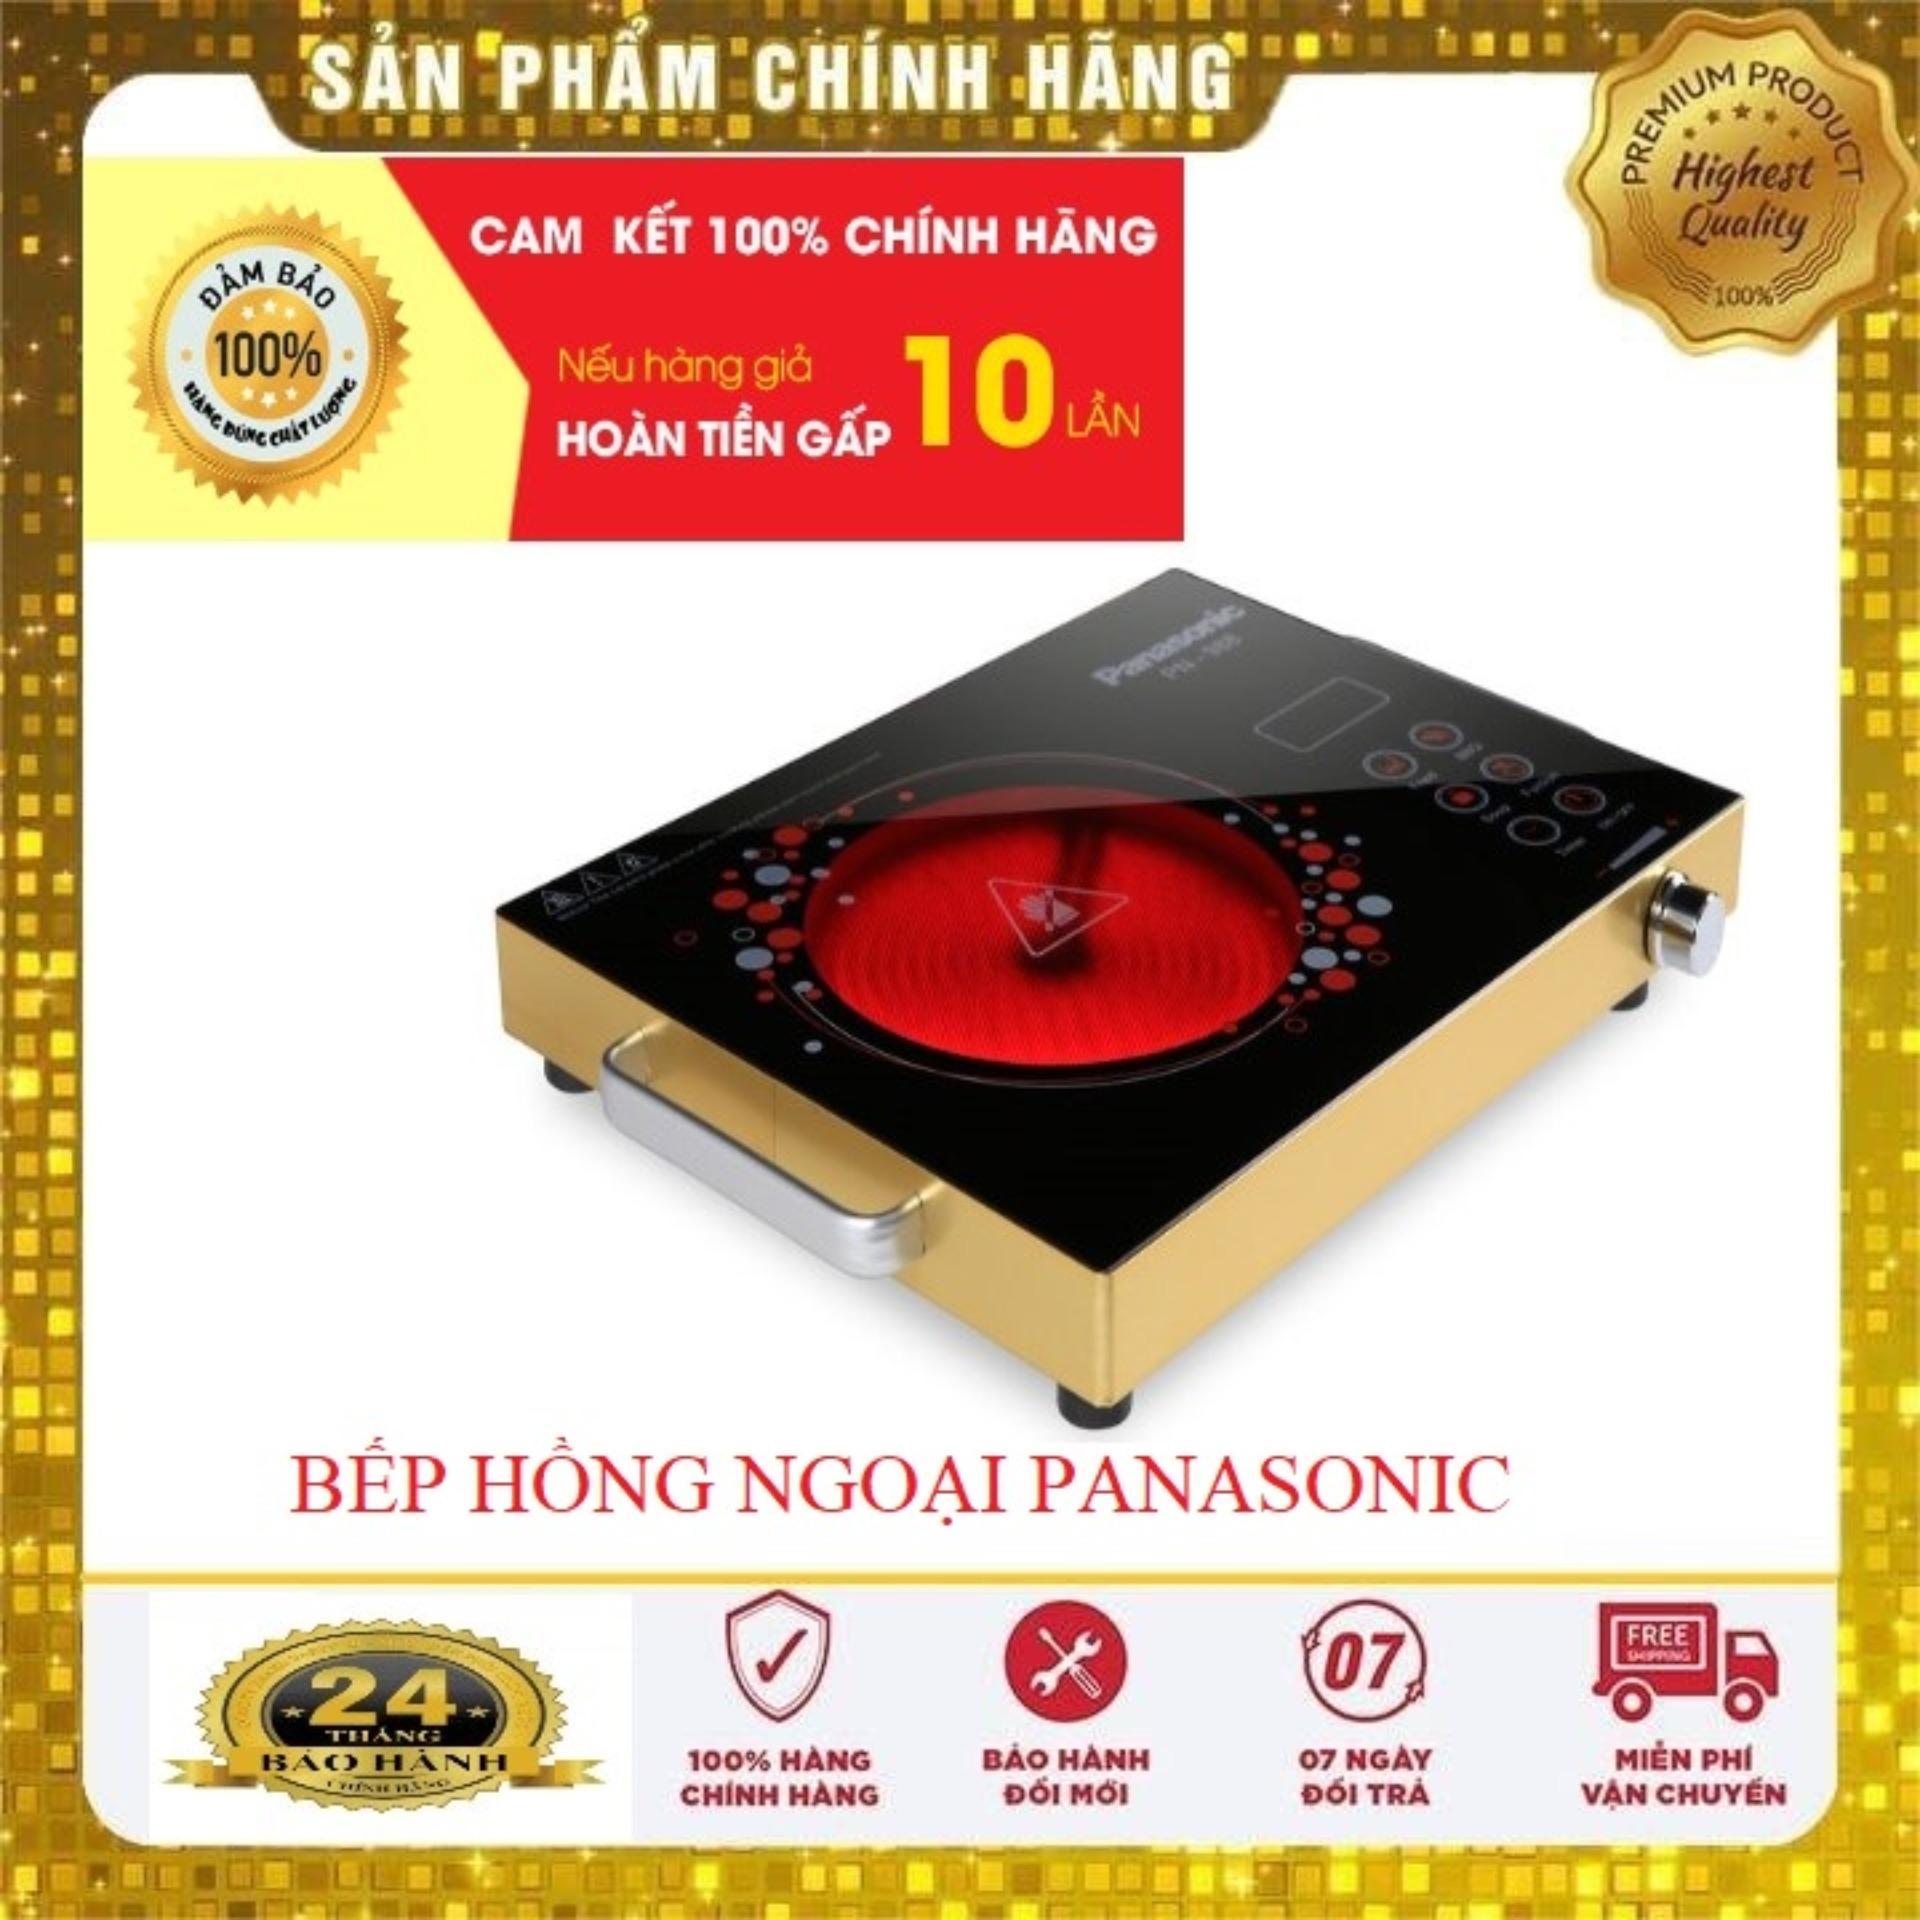 Mã Ưu Đãi Khi Mua 1(RẺ VÔ ĐỊCH)Bếp Hồng Ngoại  Panasonic Giá Rẻ   Hàng Fullbox Phụ Kiện đầy đủ (BH24 Tháng Hỗ Trợ đổi Trả 7 Ngày)